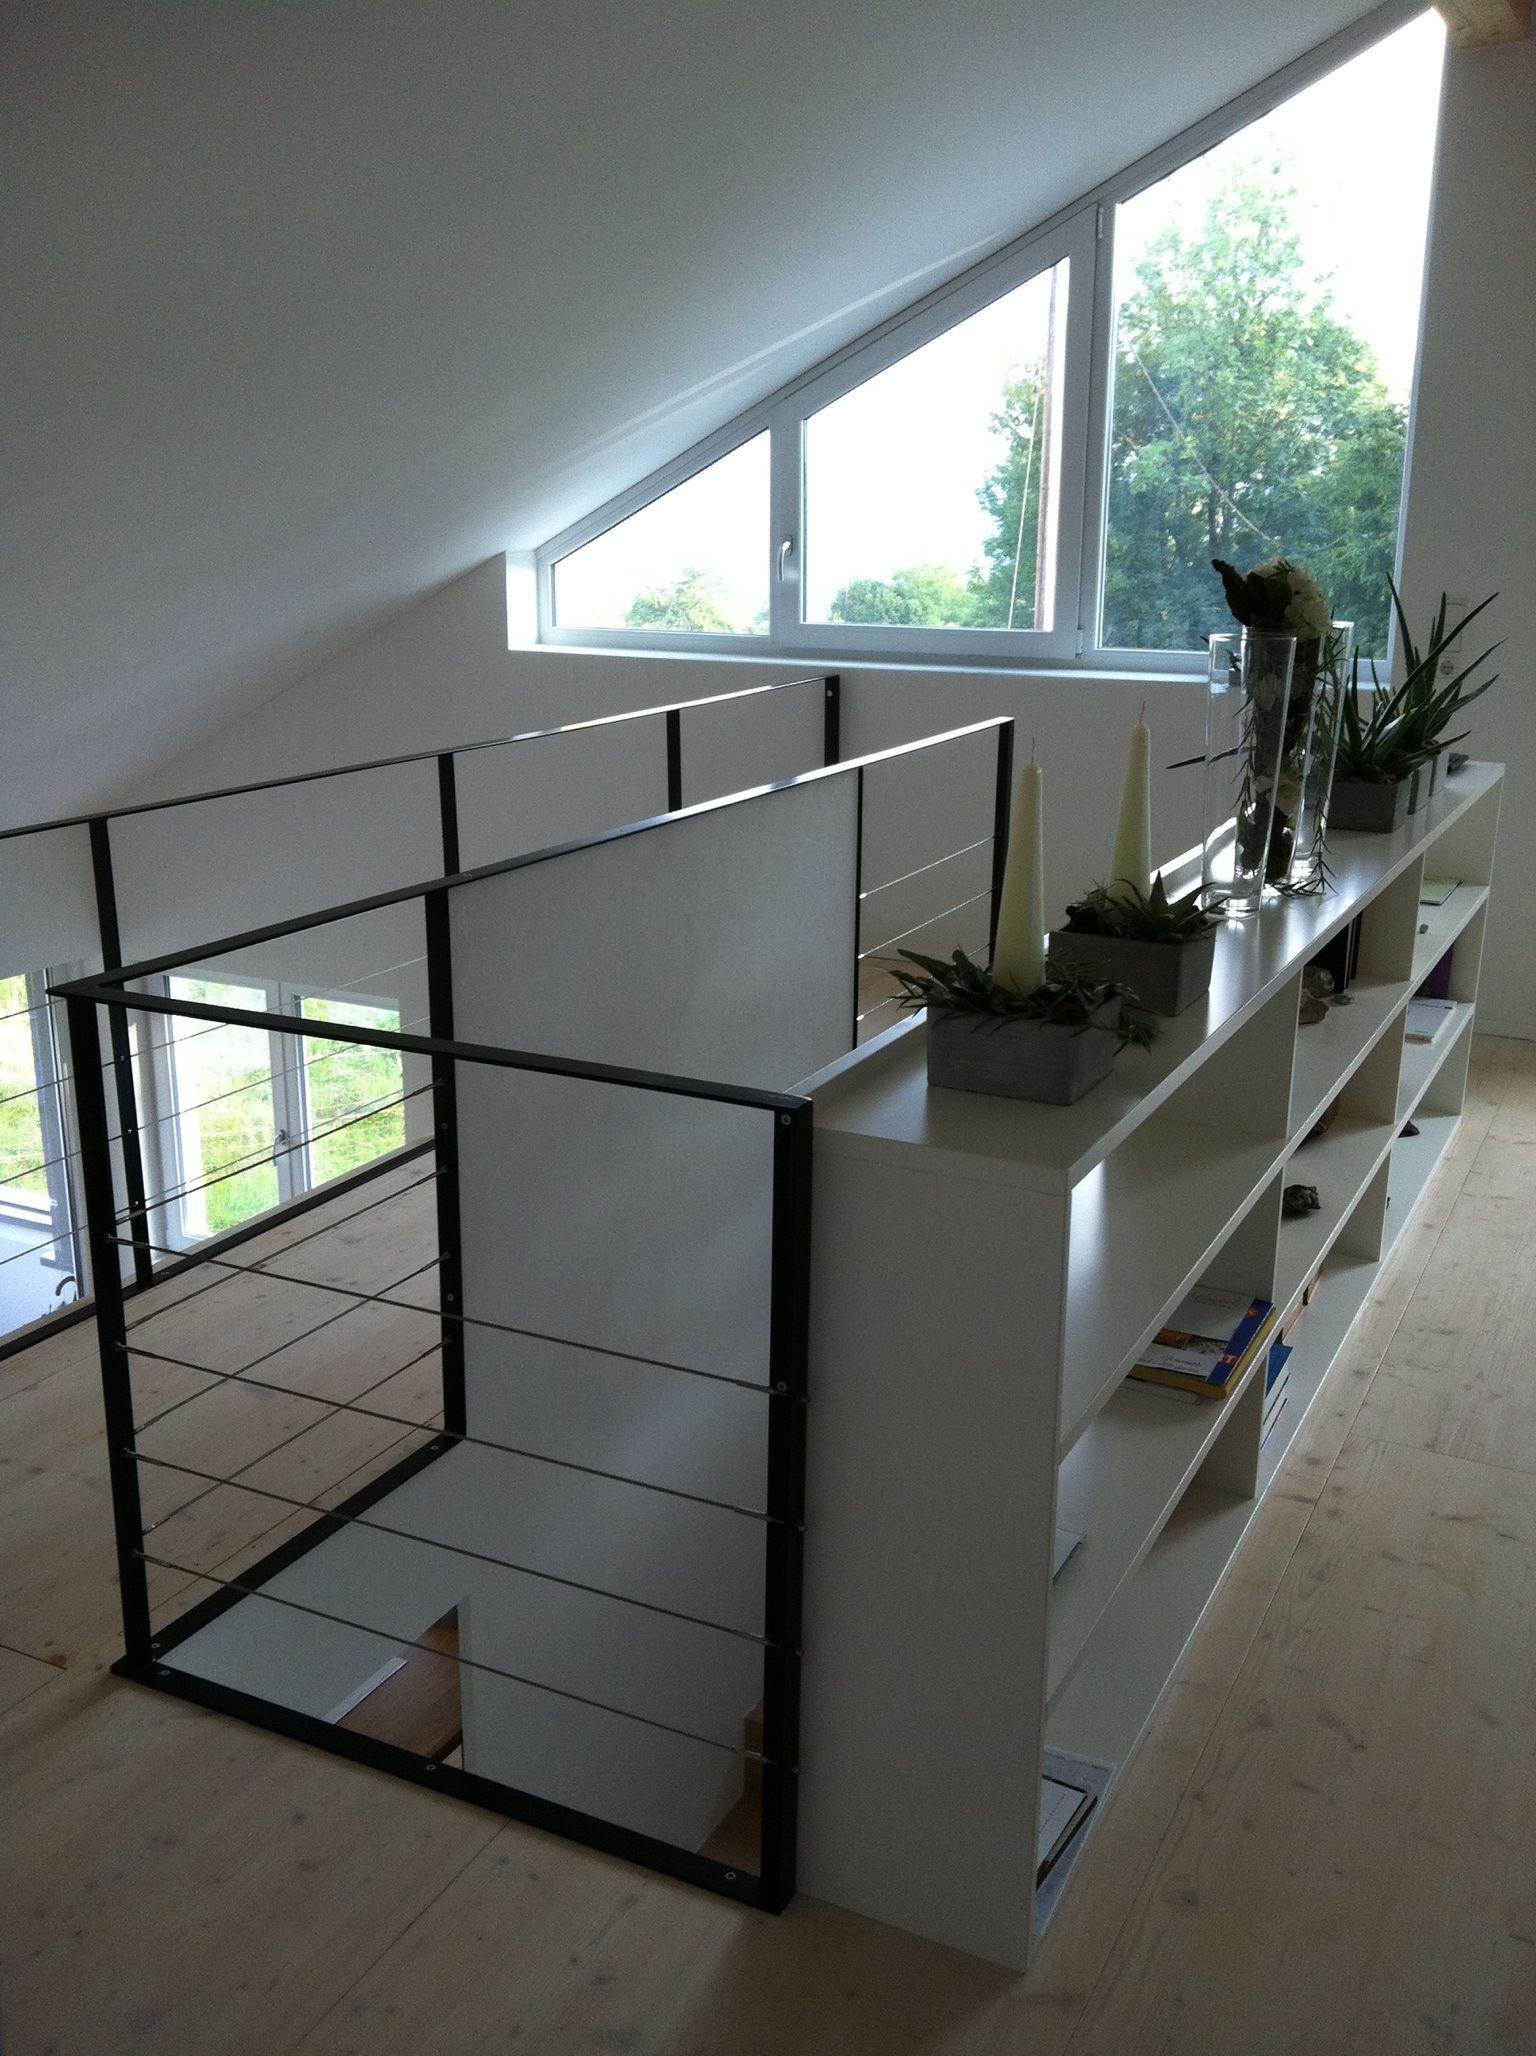 Absturzsicherung Geländer treppengeländer absturzsicherung stauraum treppen